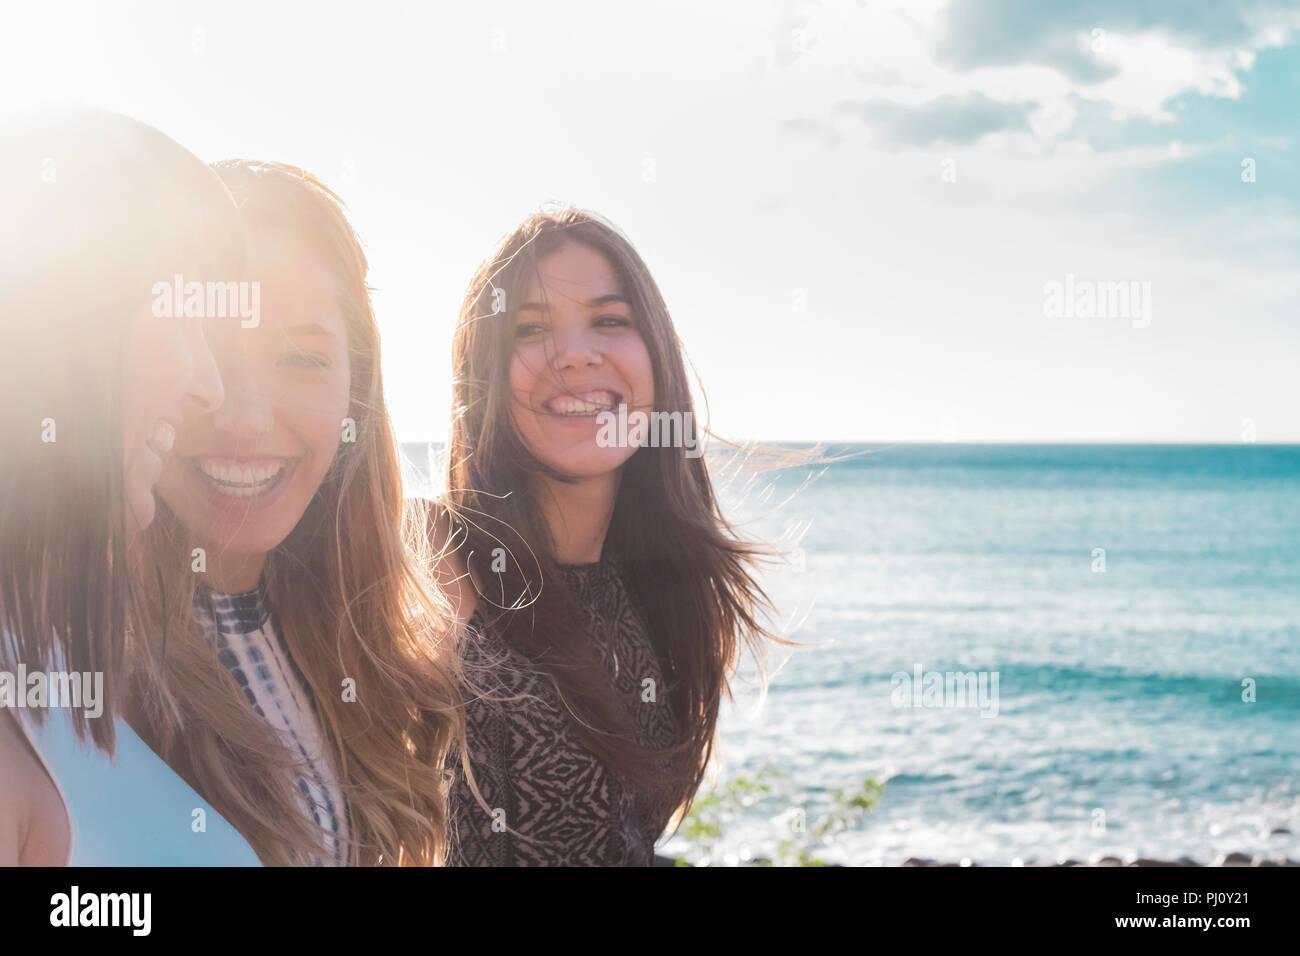 3 Junge Frauen am Strand spazieren gehen, sich gegenseitig suchen, Lachen und freie Zeit zusammen verbringen. an einem schönen Sommertag. mit Sonne und Meer als backgroun Stockbild